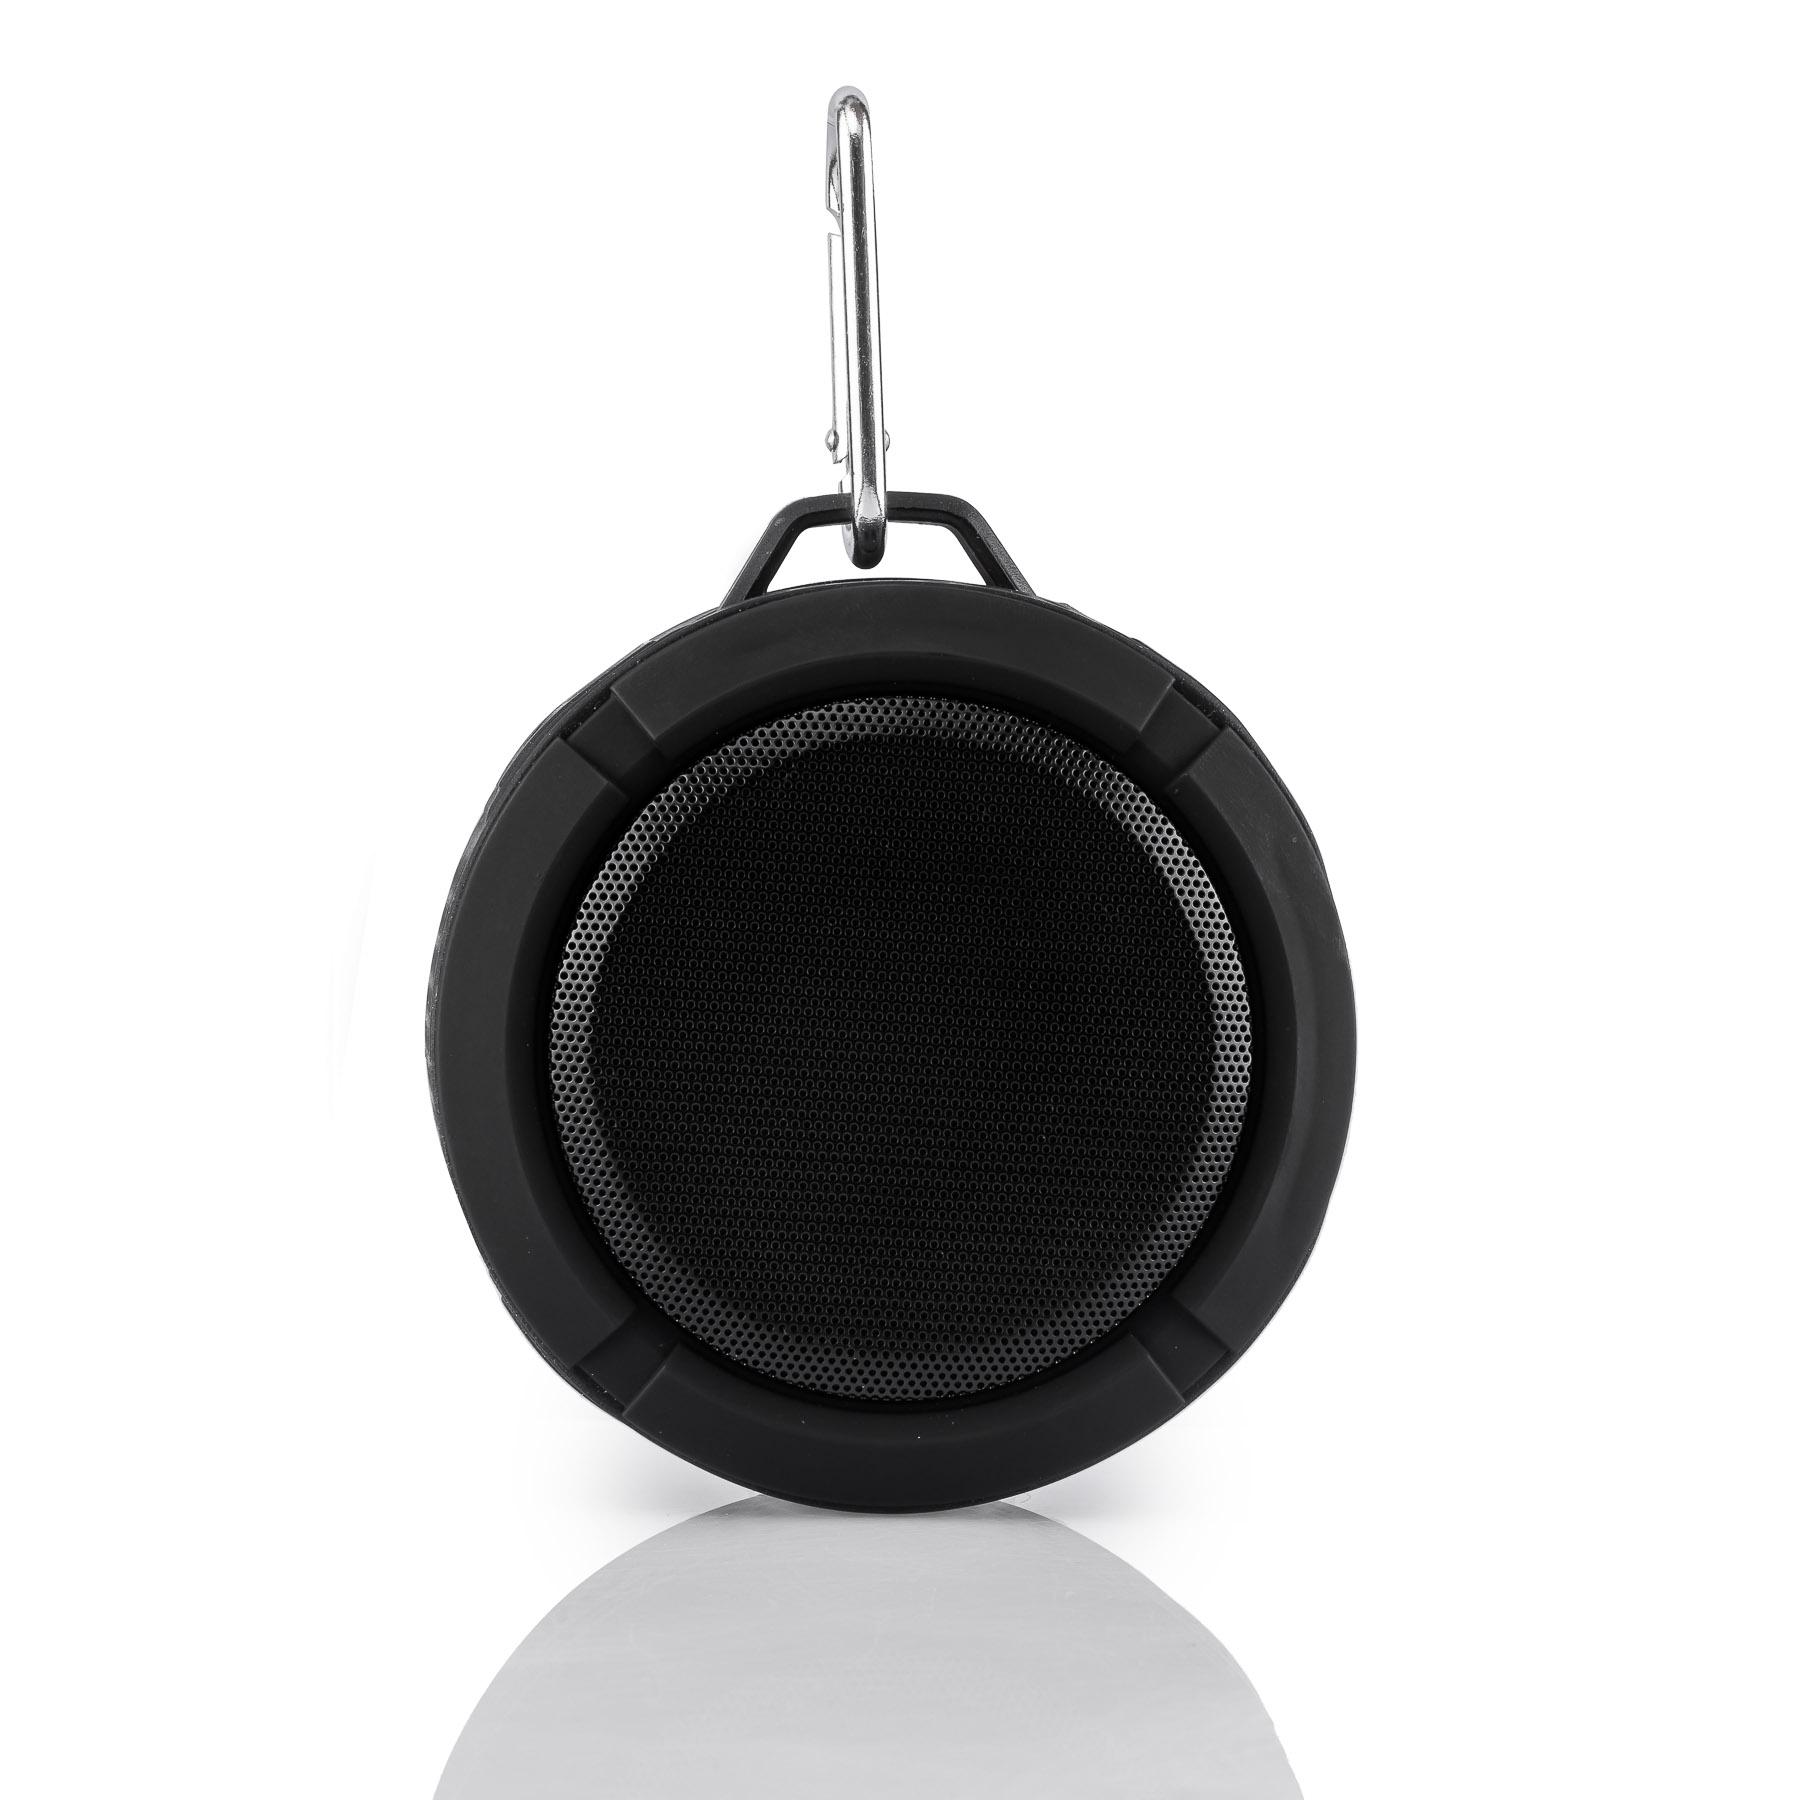 935343275-202 - Waterproof Speaker - Water resistant Bluetooth Speaker - thumbnail